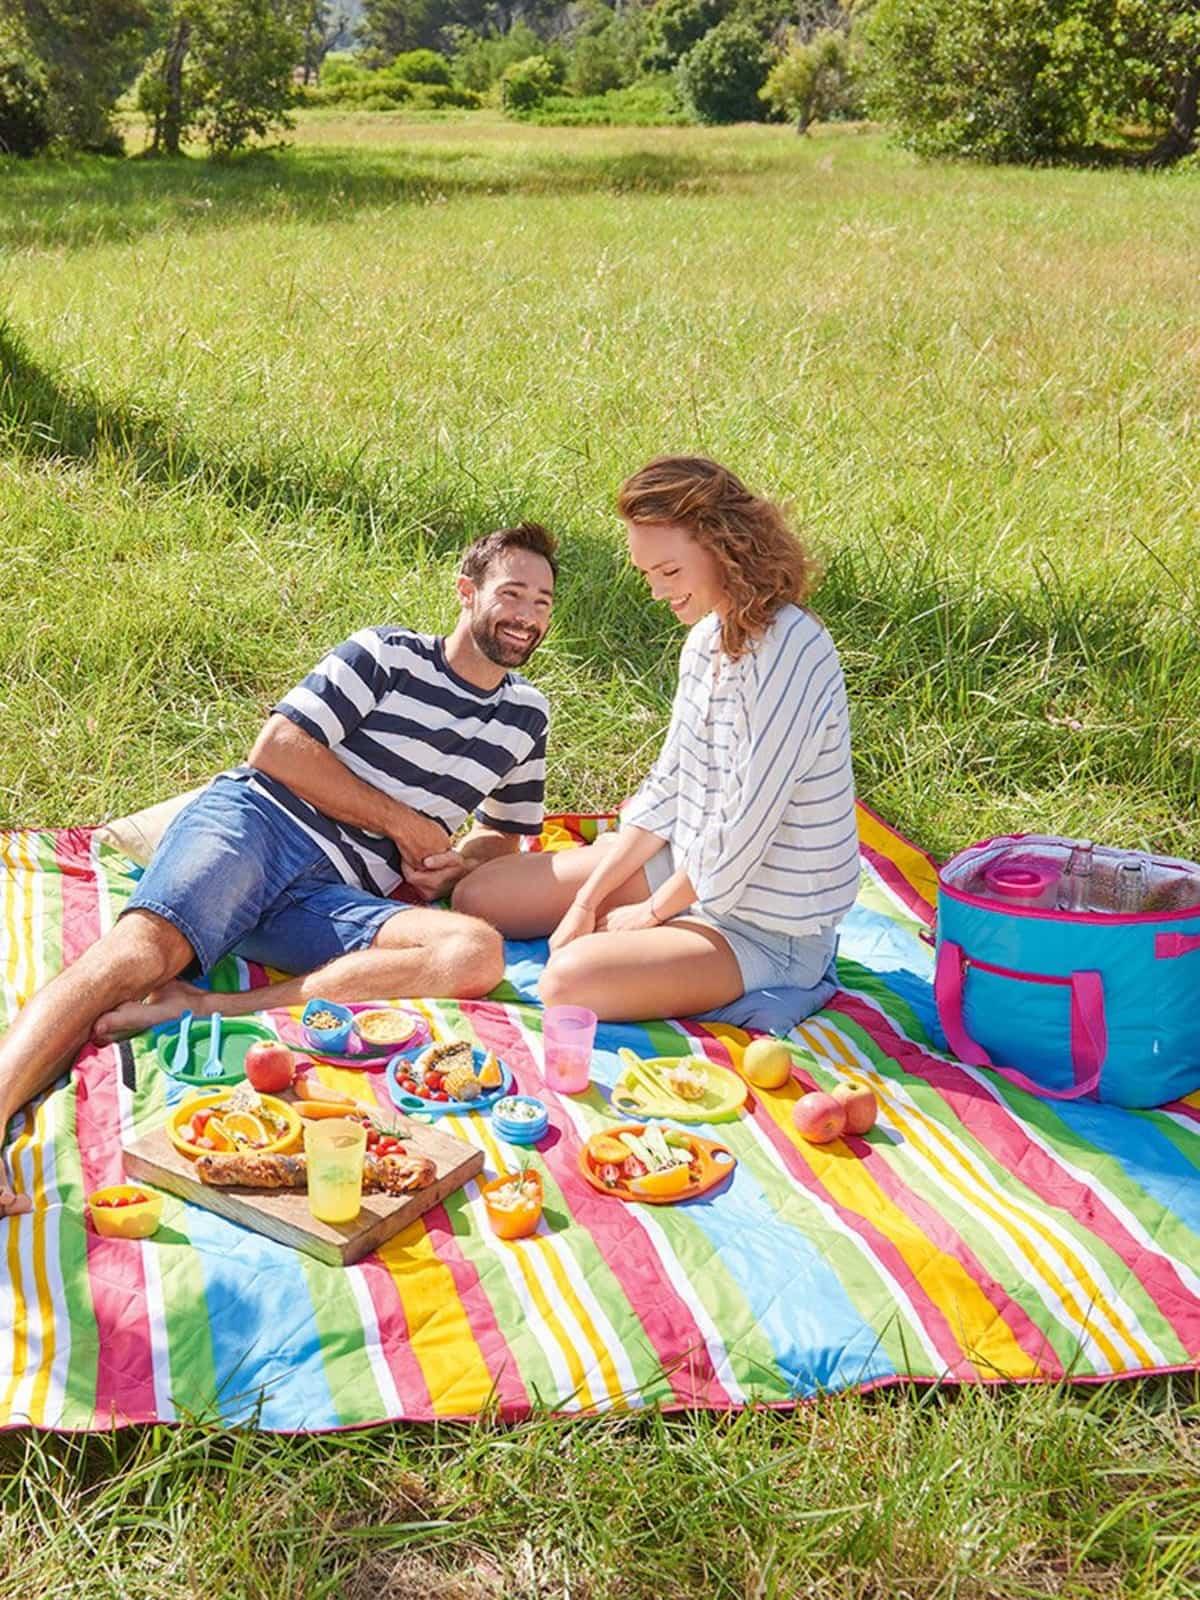 como conseguir un picnic perfecto 12